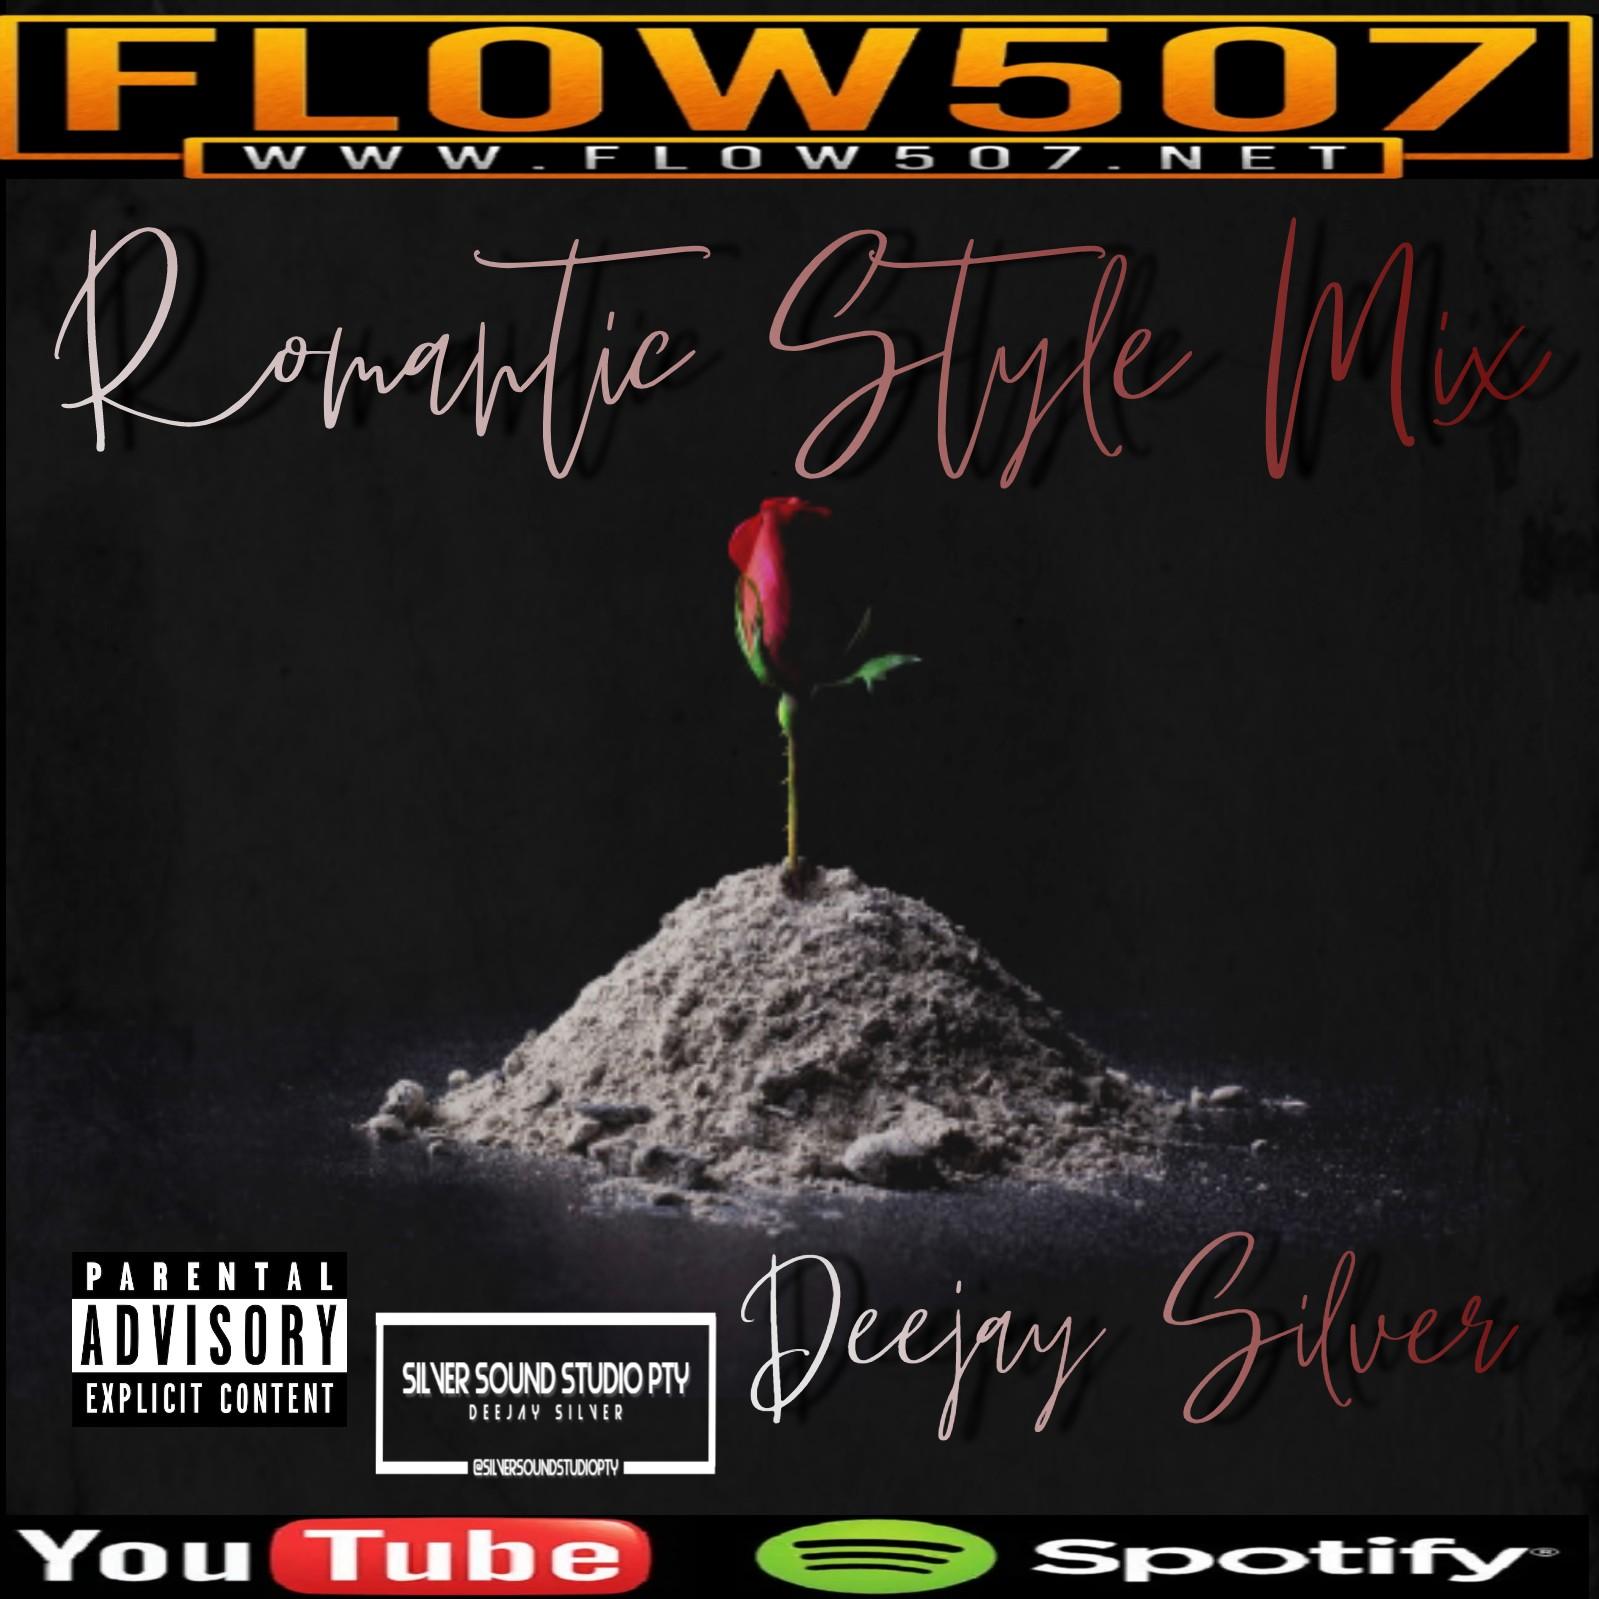 FLOW507.NET - ROMANTIC STYLE A LO DEEJAY SILVER